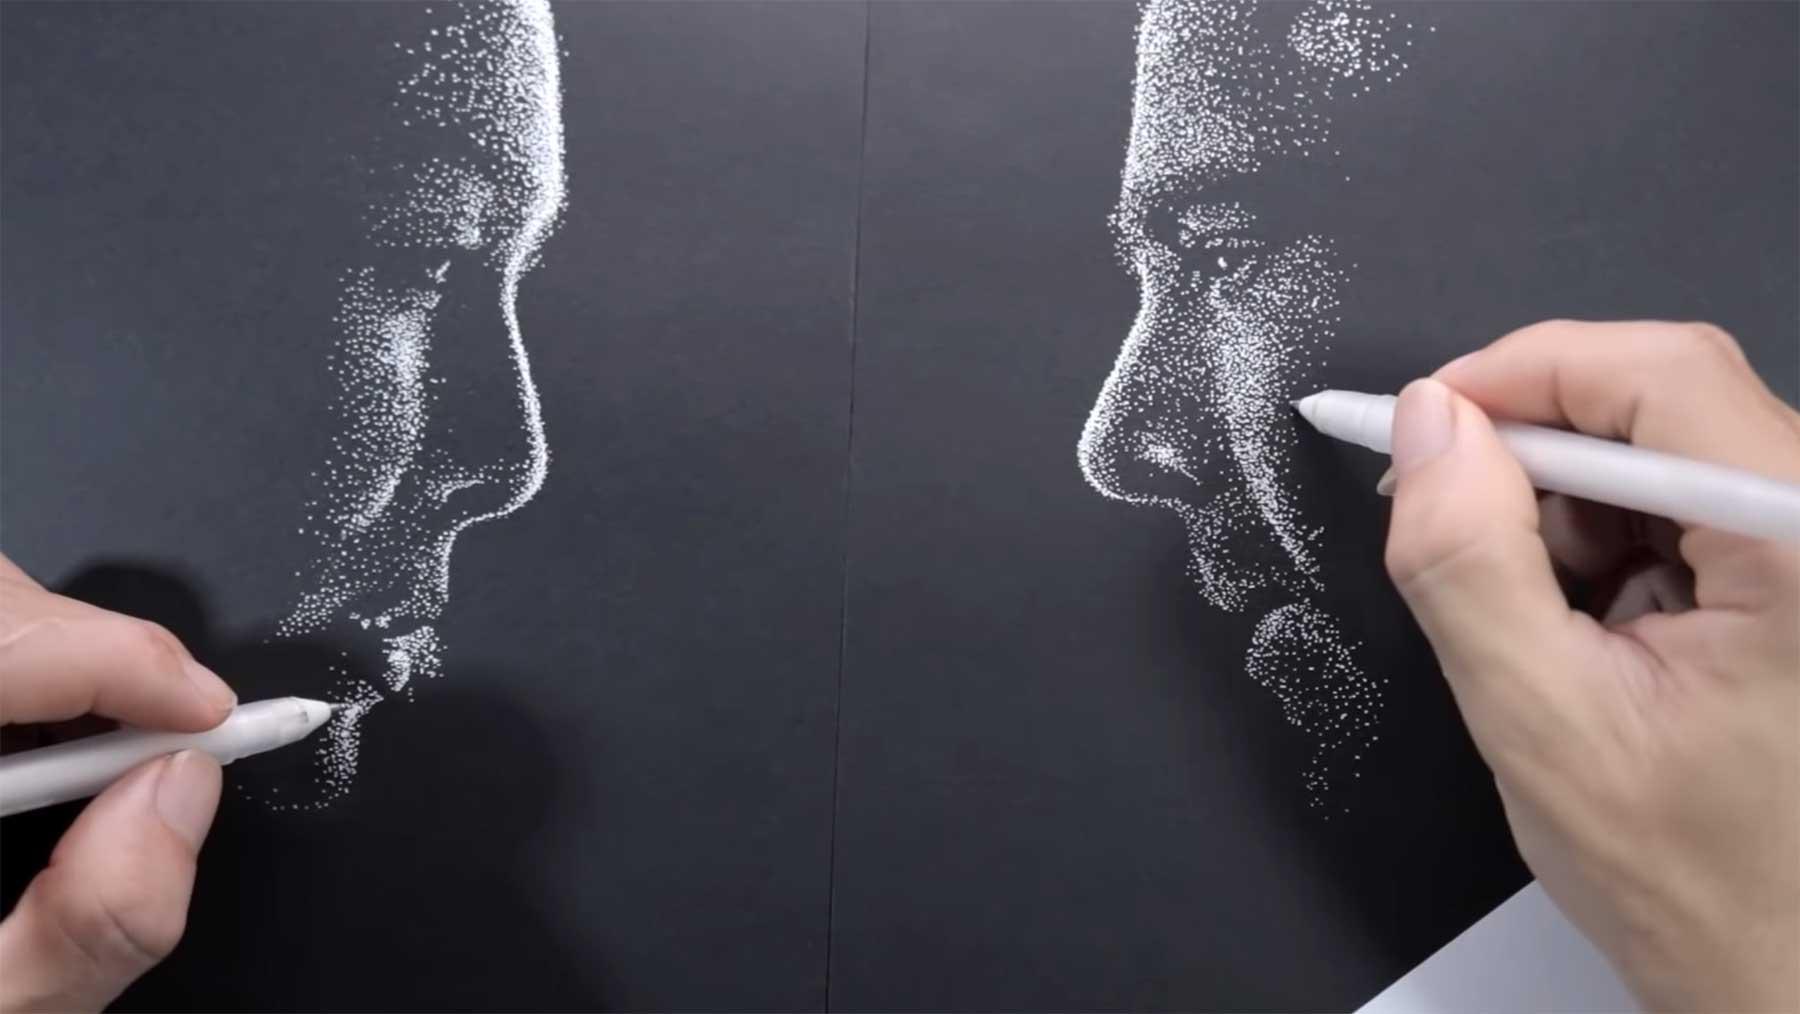 Zwei Portraits gleichzeitig mit zwei Händen zeichnen